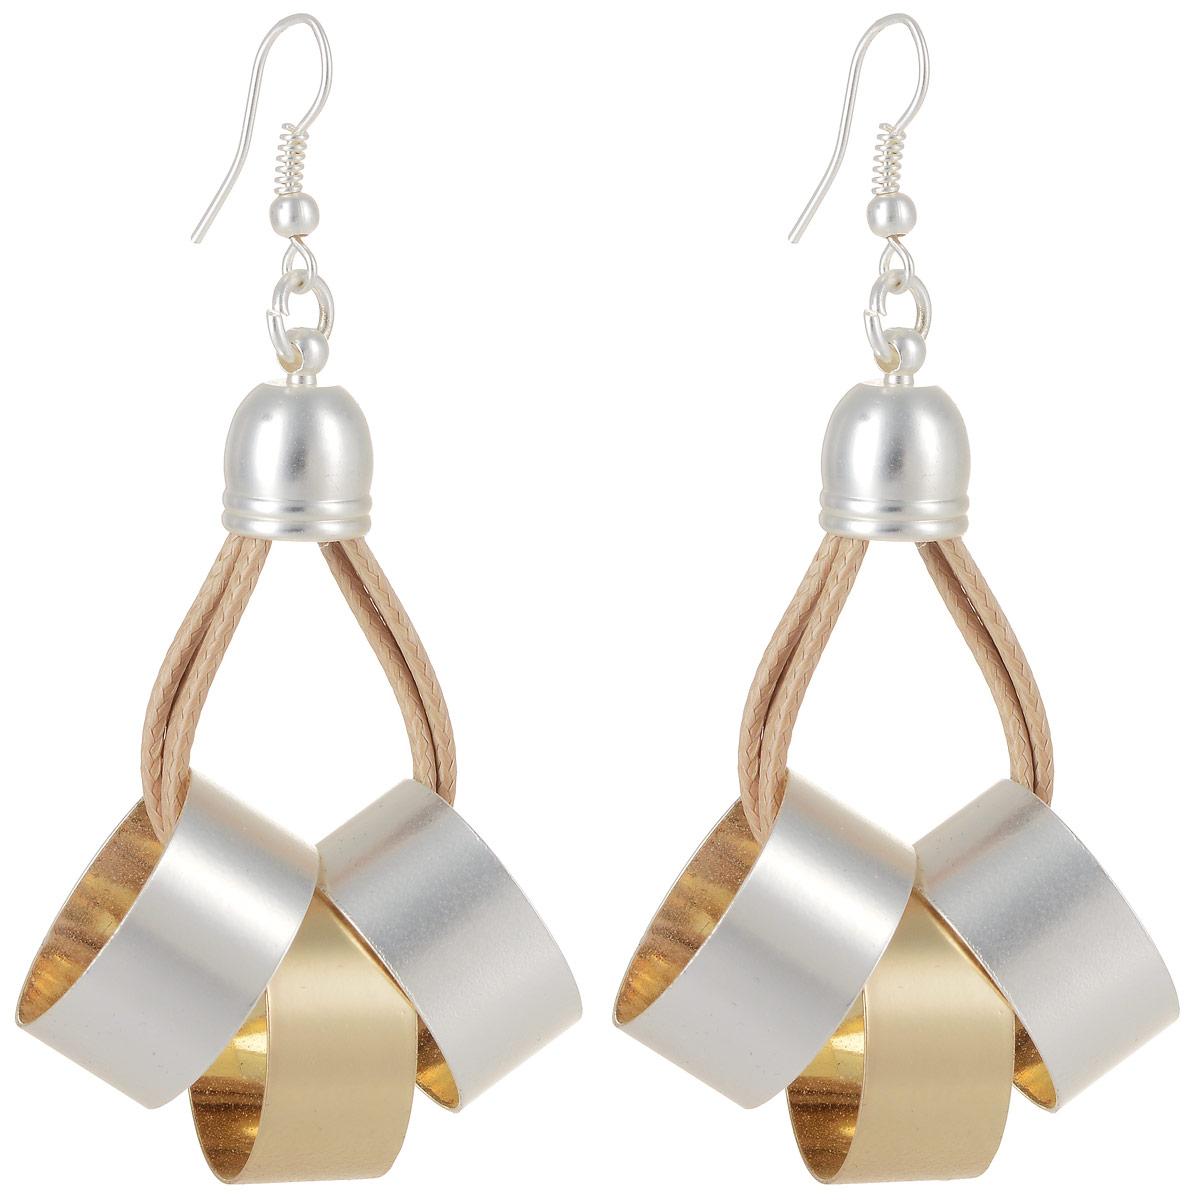 Серьги Art-Silver, цвет: золотой, серебристый. СРГ5007-1-340СРГ5007-1-340Стильные серьги Art-Silver выполнены из латуни с гальваническим покрытием. Серьги оформлены оригинальными декоративными подвесками. Серьги выполнены с замком-петлей. Такие серьги будут ярким дополнением вашего образа.